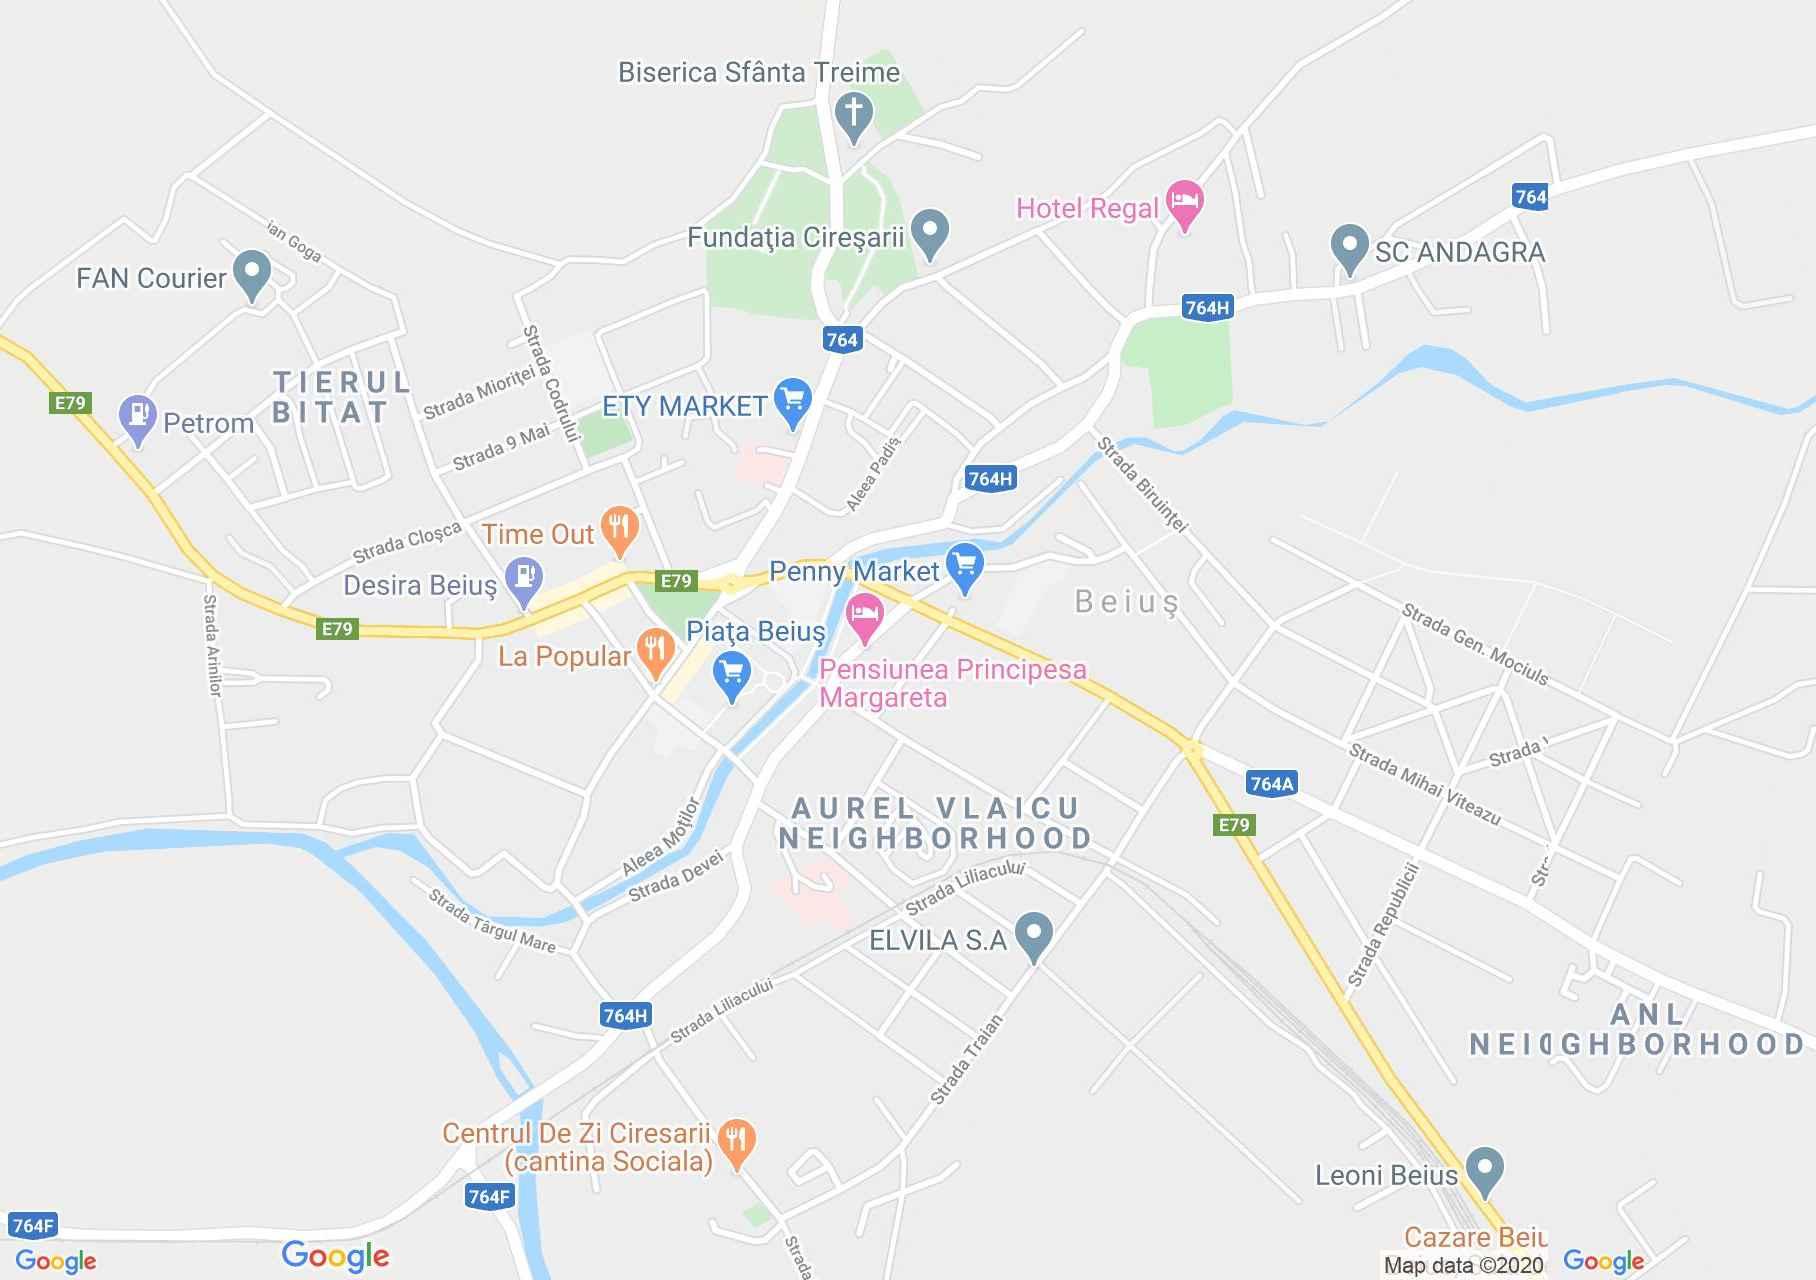 Beiuş, Interactive tourist map